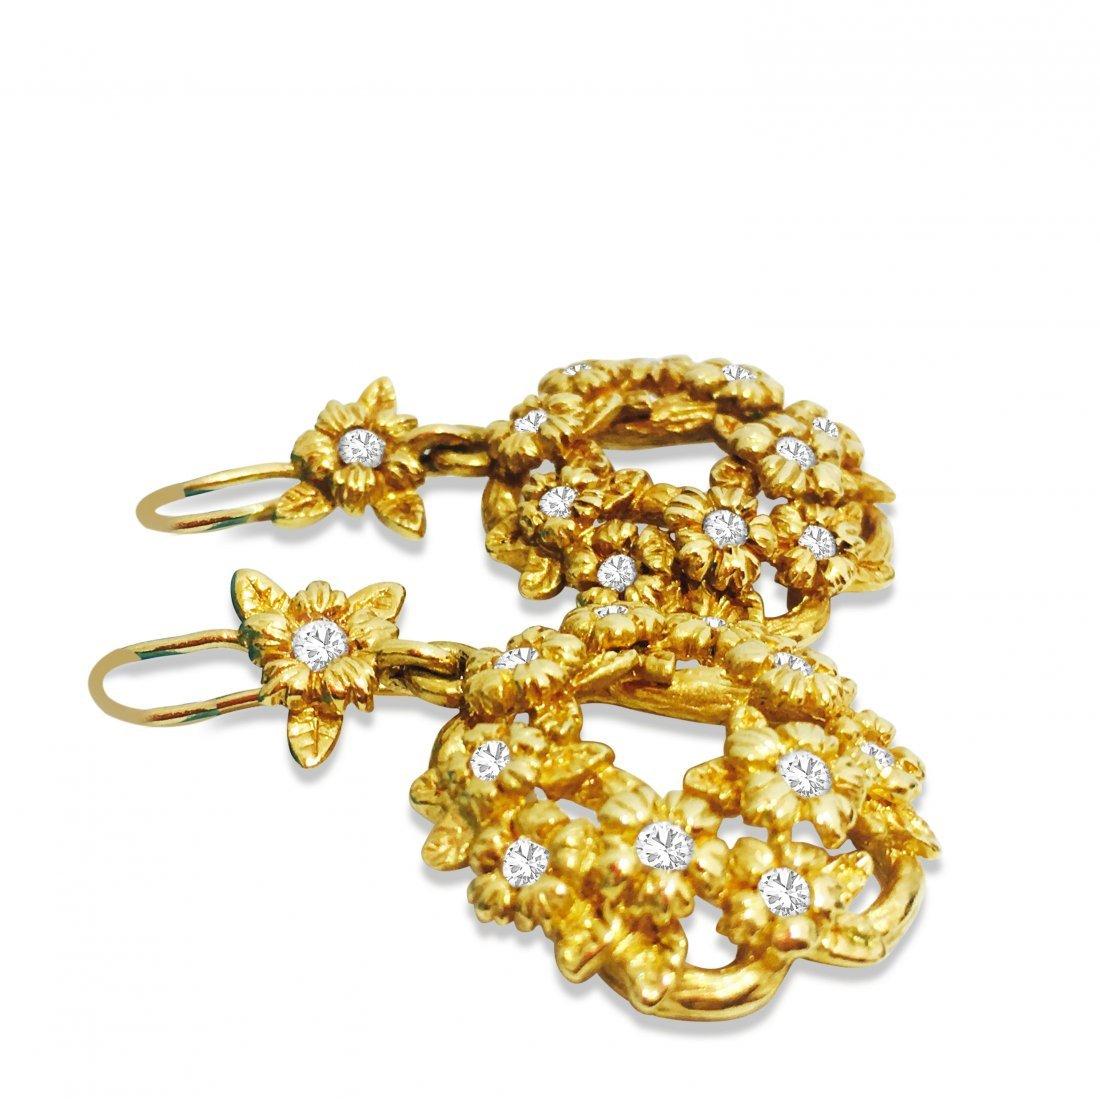 Stephen Dweck 18K GOLD & DIAMONDS Earrings - 4